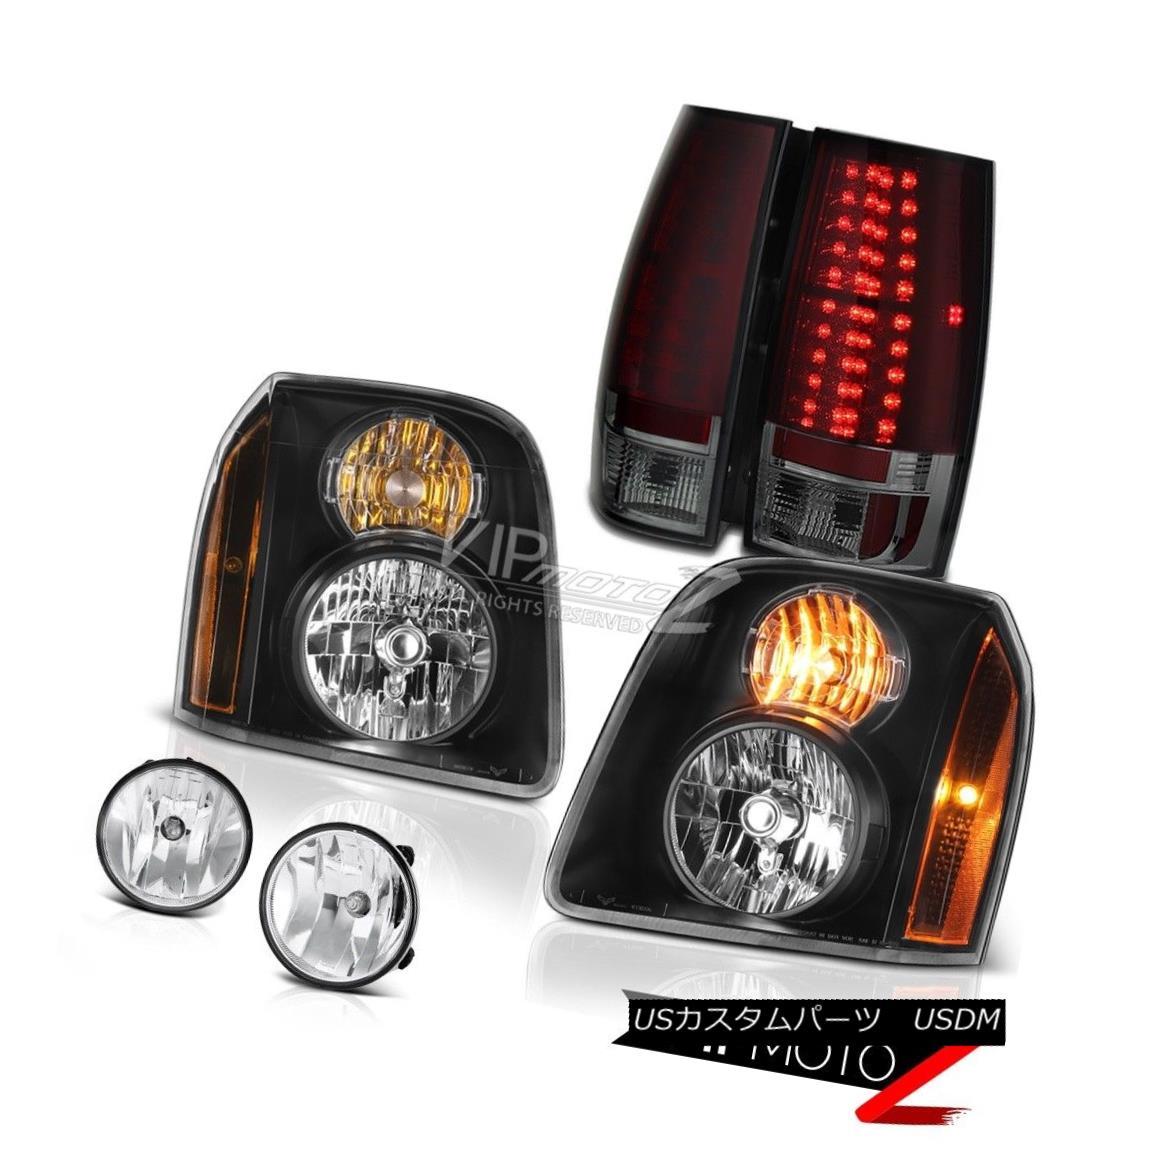 ヘッドライト 07-14 GMC Yukon XL Denali Chrome Fog Lamps Red Smoke Tail Headlights OE Style 07-14 GMCユーコンXLデナリクロームフォグランプ赤煙テールヘッドライトOEスタイル